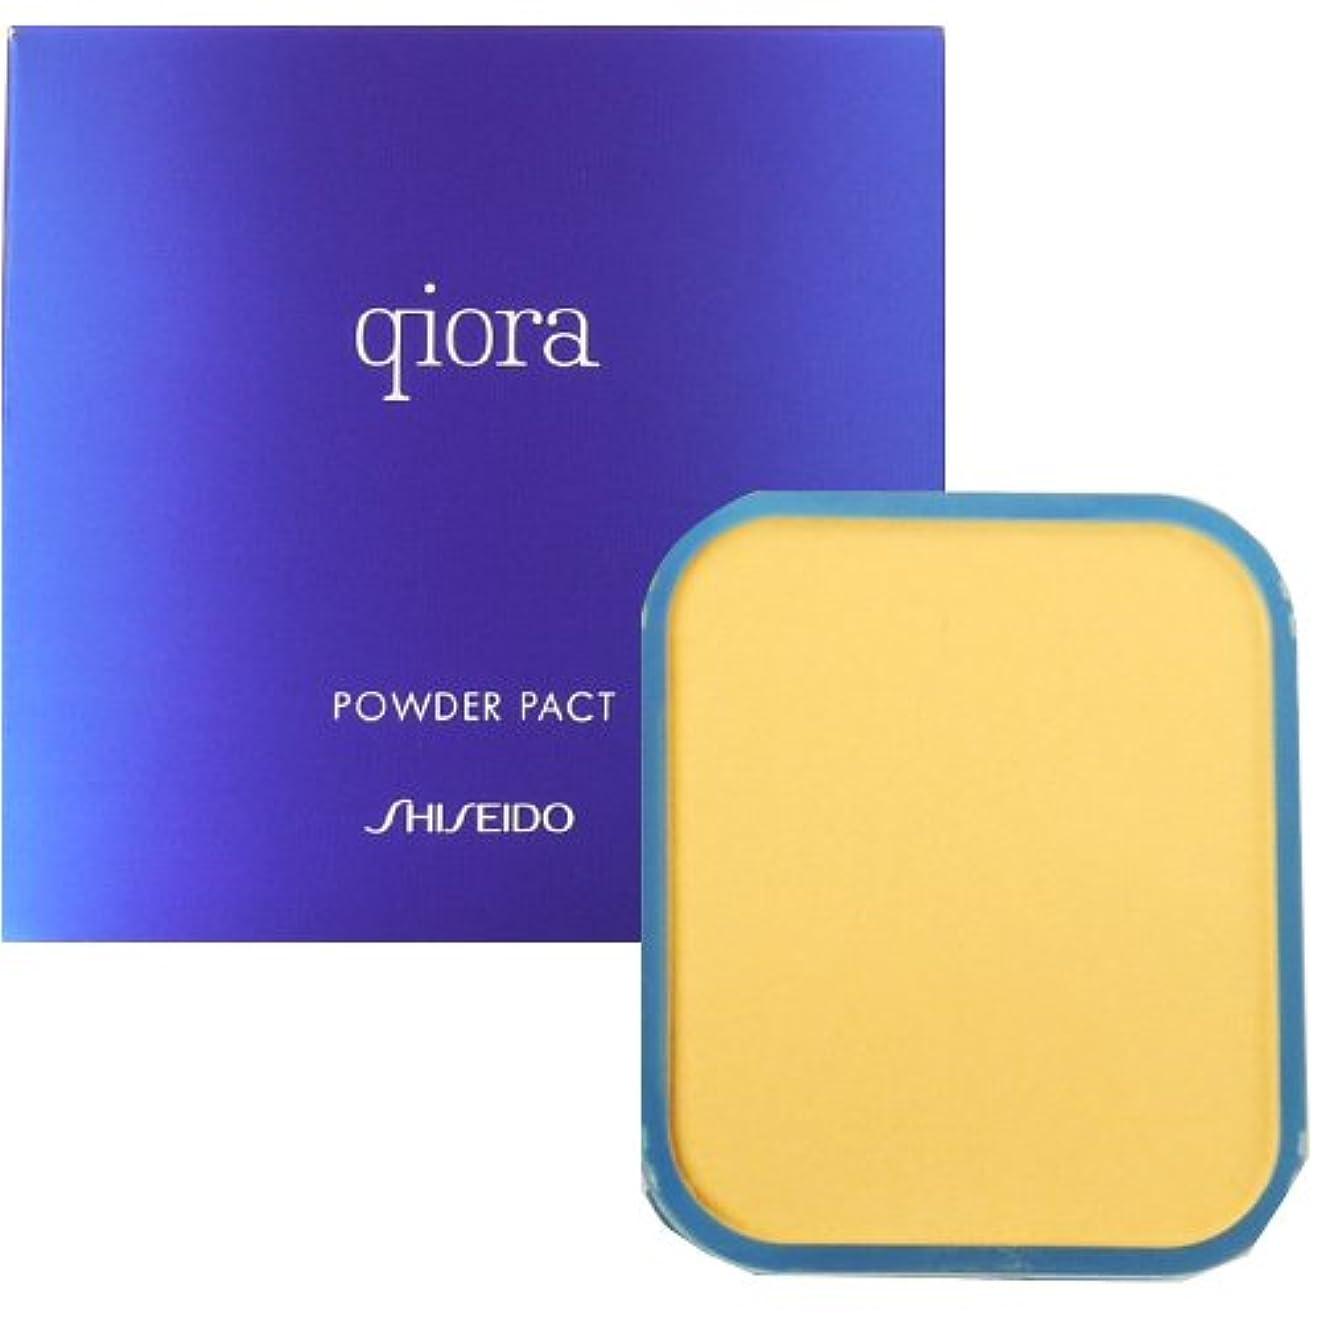 香りに賛成おばあさん資生堂 キオラ qiora パウダーパクト SPF17 PA++ 【詰め替え用】 10g【オークル00】